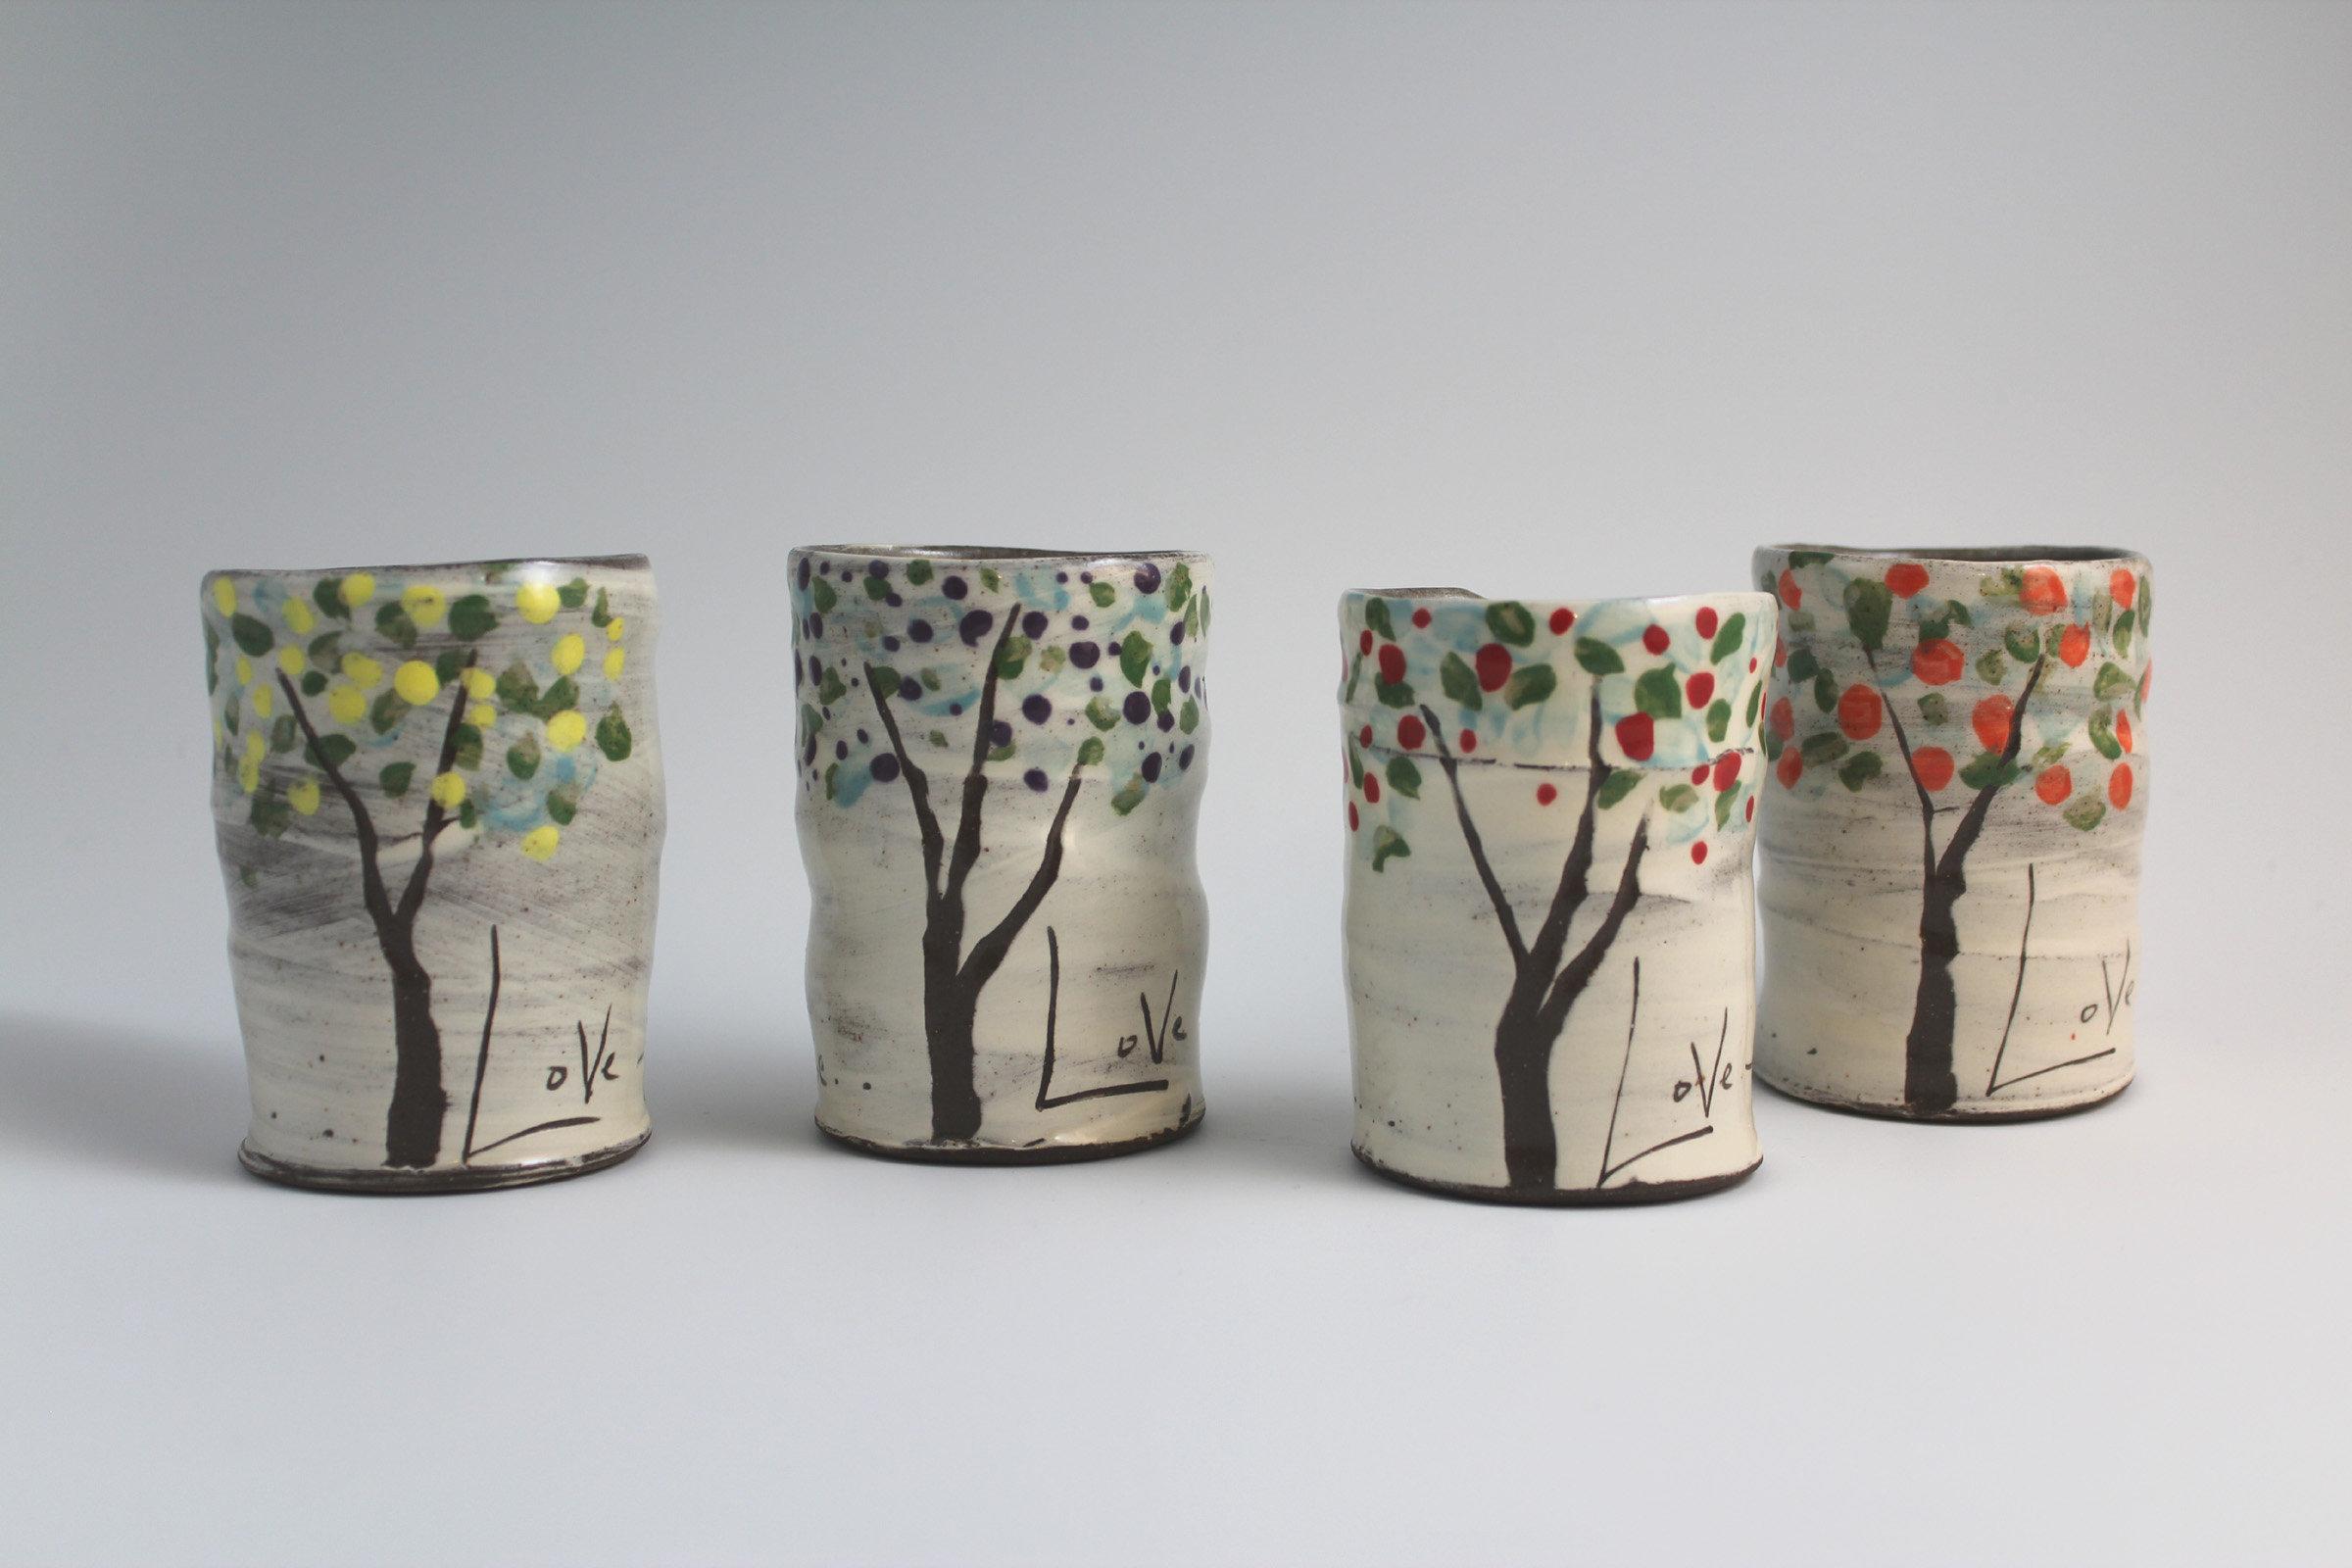 Fruit Trees Mug Set By Noelle Van Hendrick And Eric